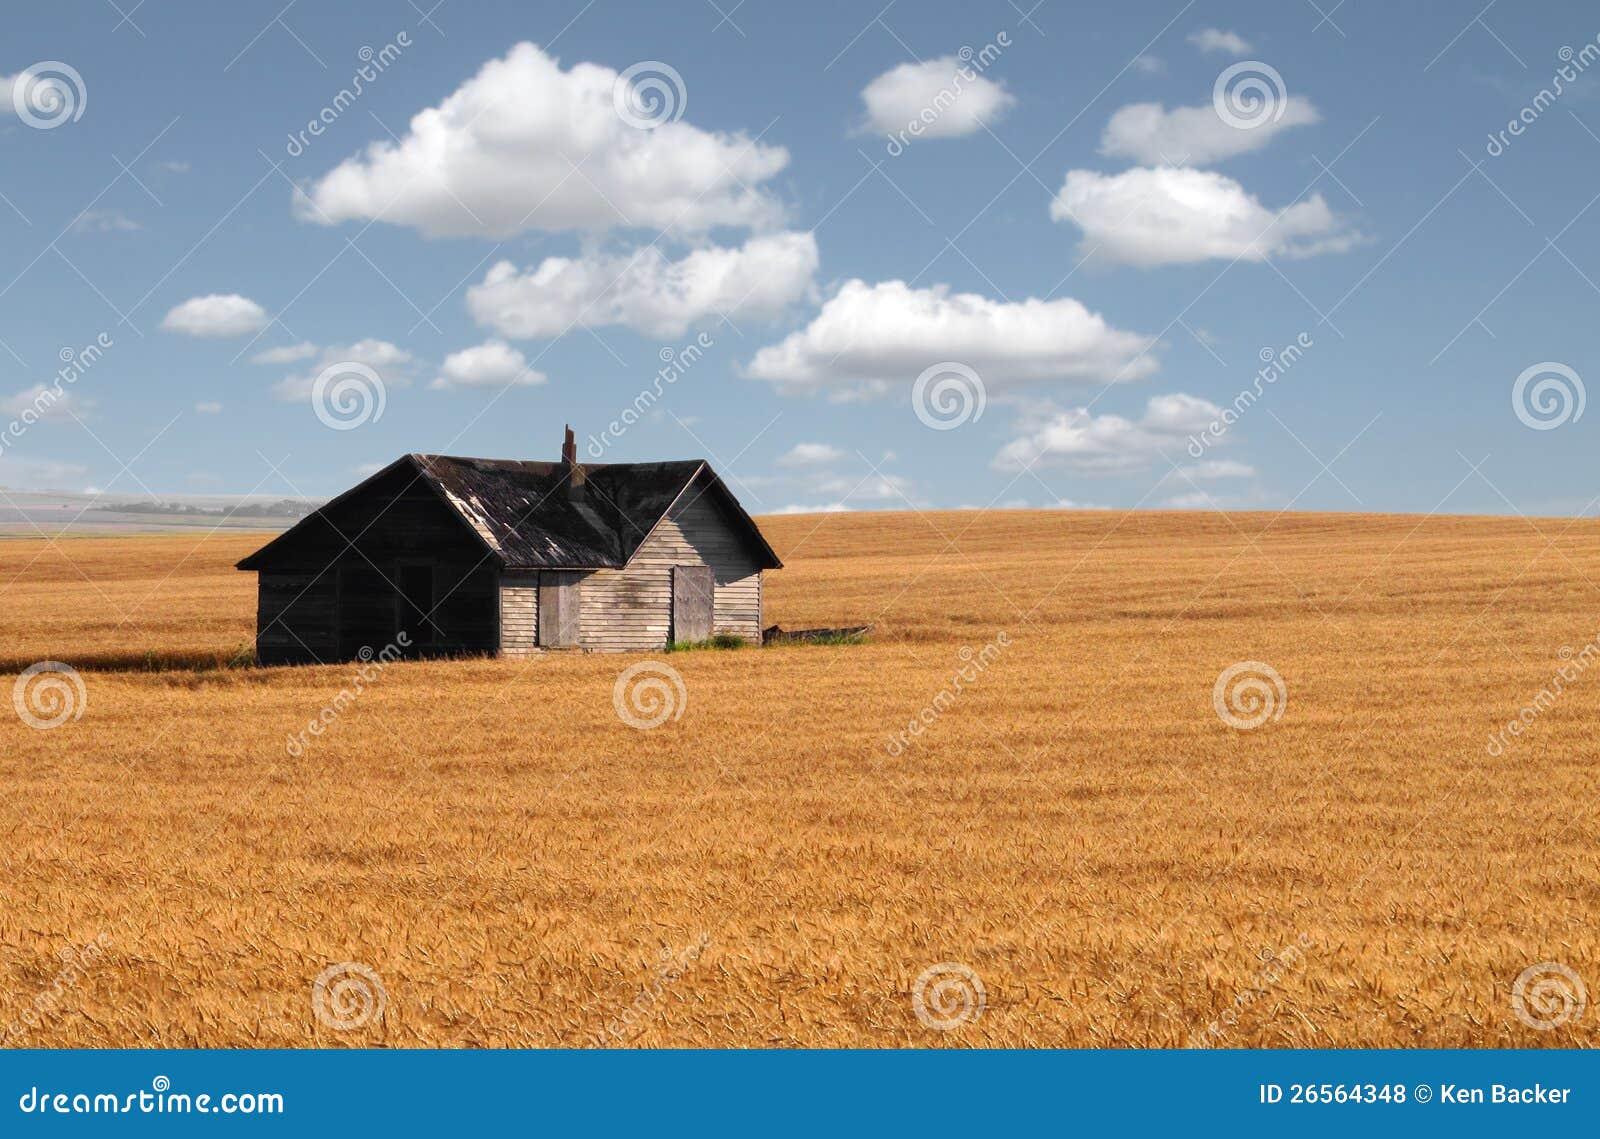 Maison abandonnée dans le domaine de blé de prairie.